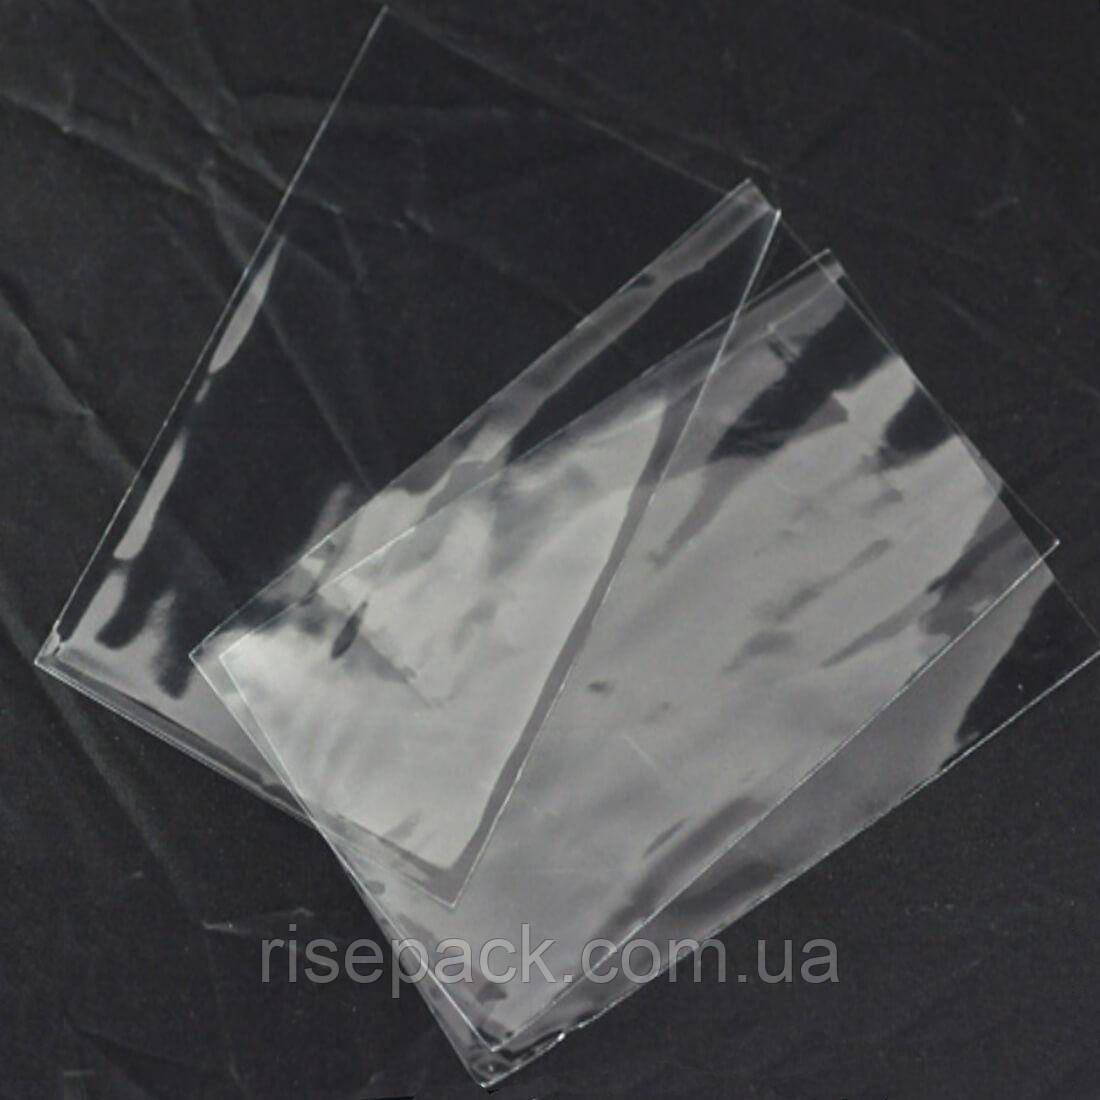 Пакеты  полипропиленовые 11х32 прозрачный для упаковки и фасовки